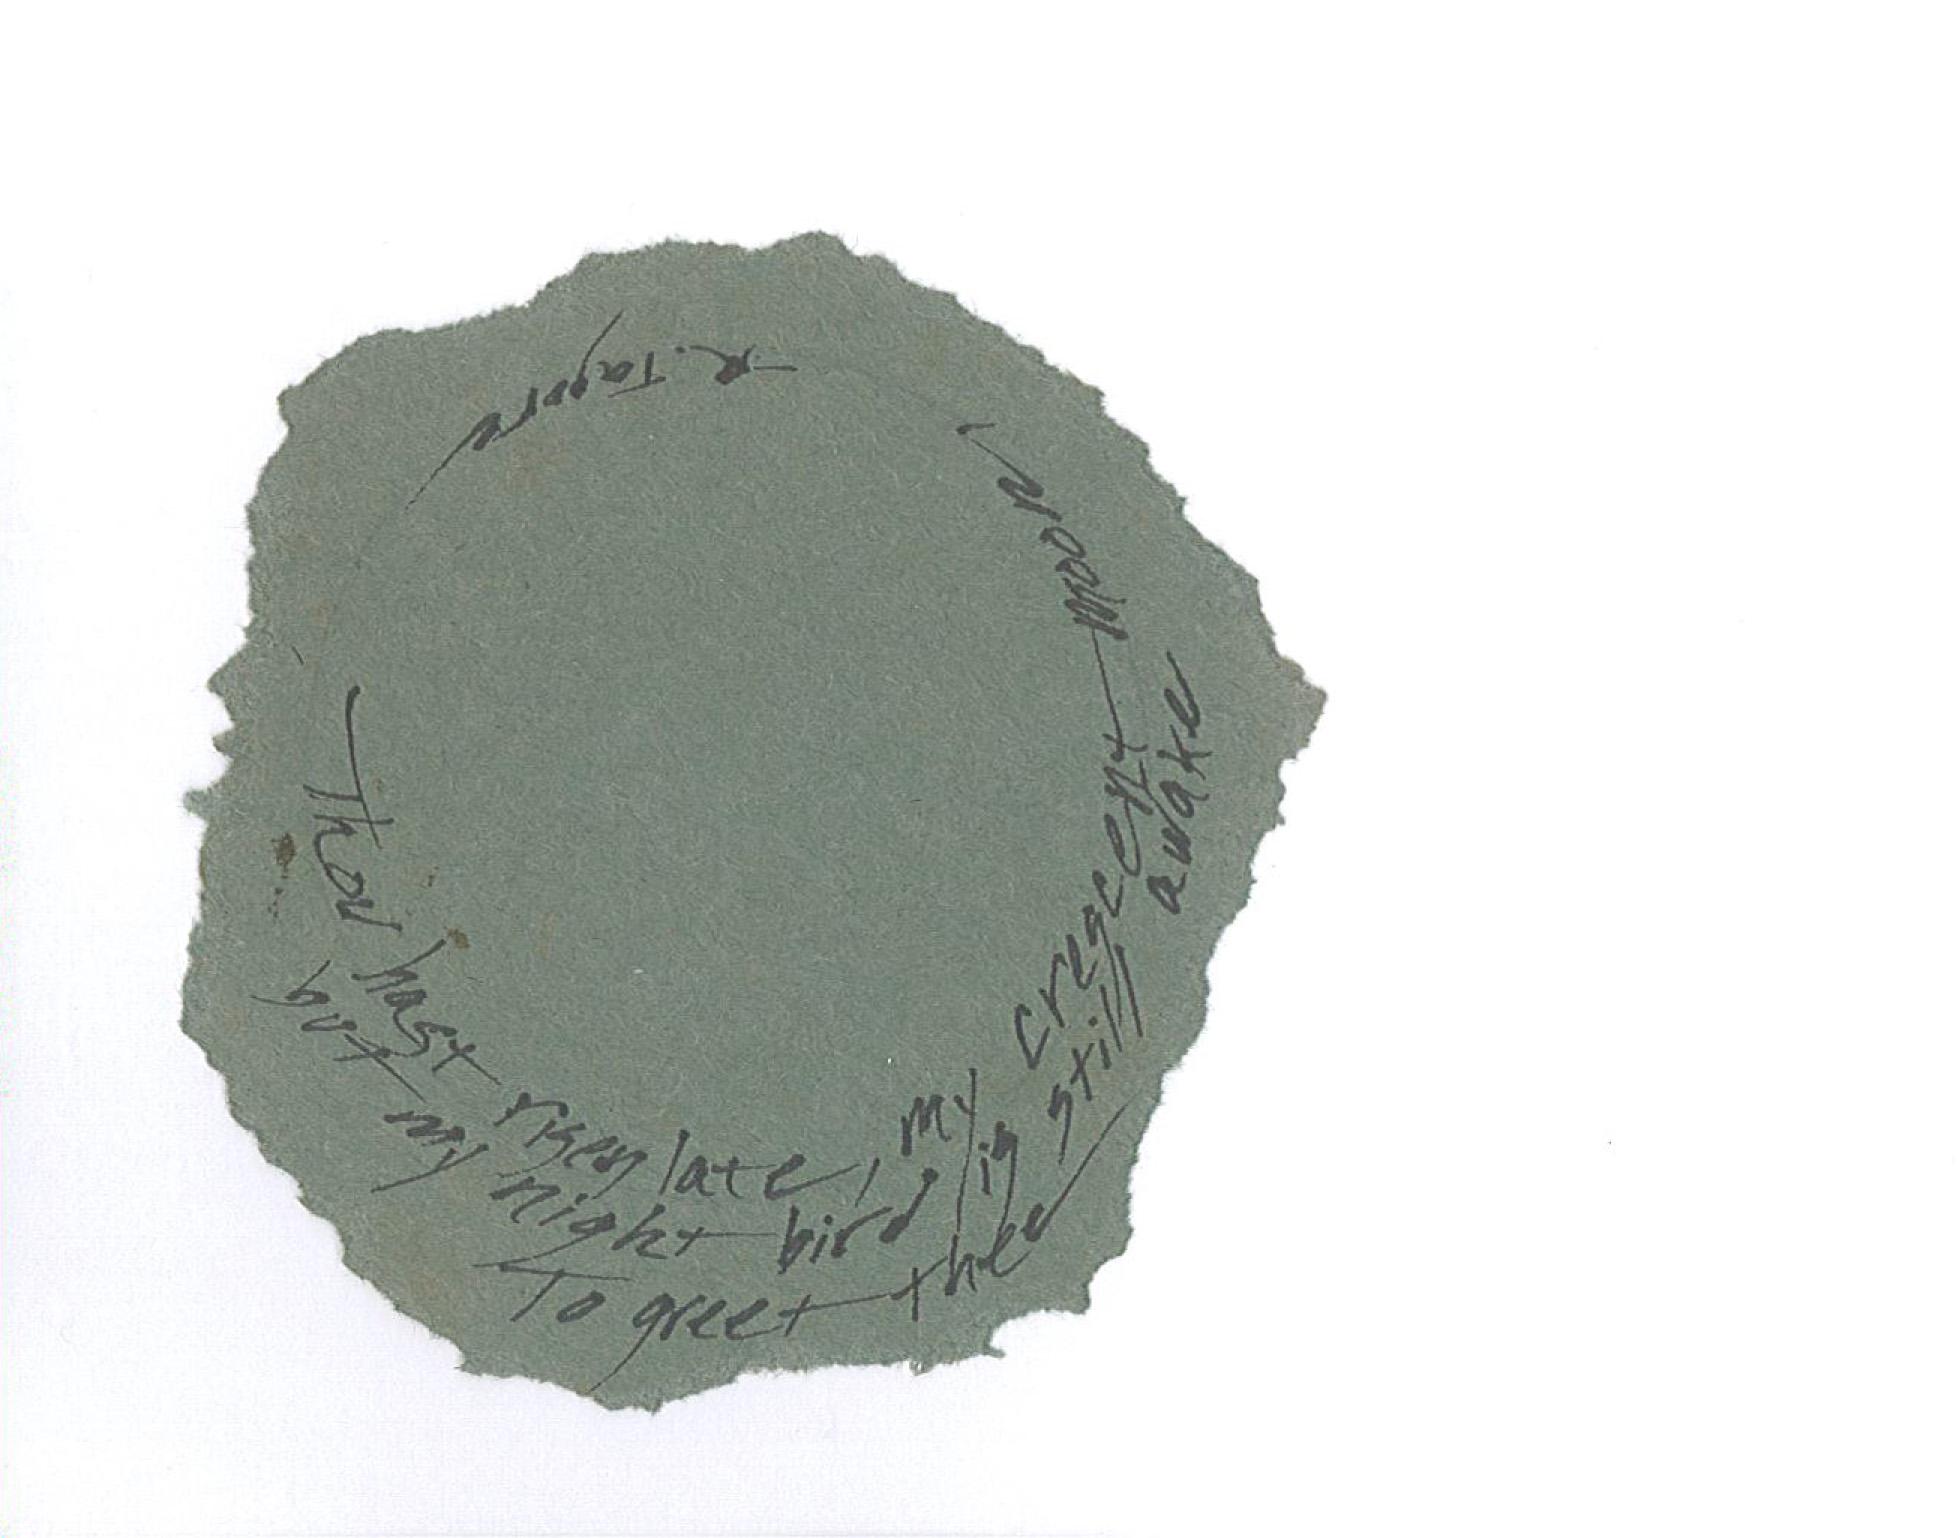 1996 07 11—tagore poem-1.jpg